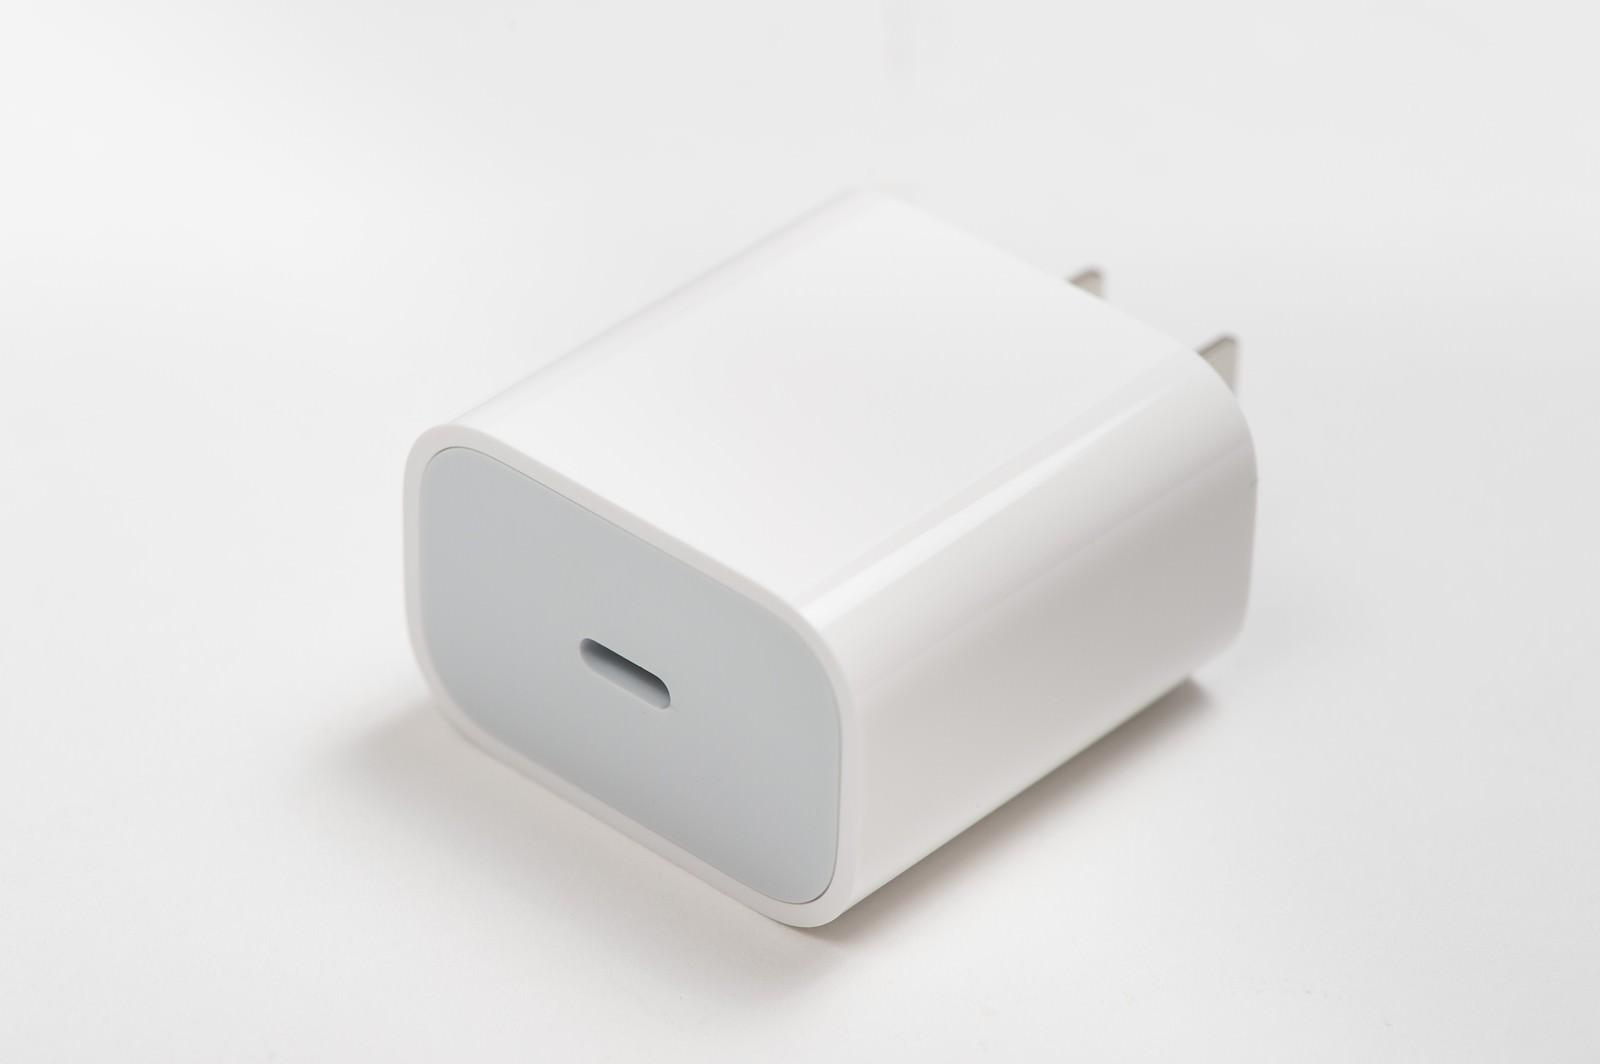 「18W USB-C電源アダプタ(iPad Pro 2018)」の写真